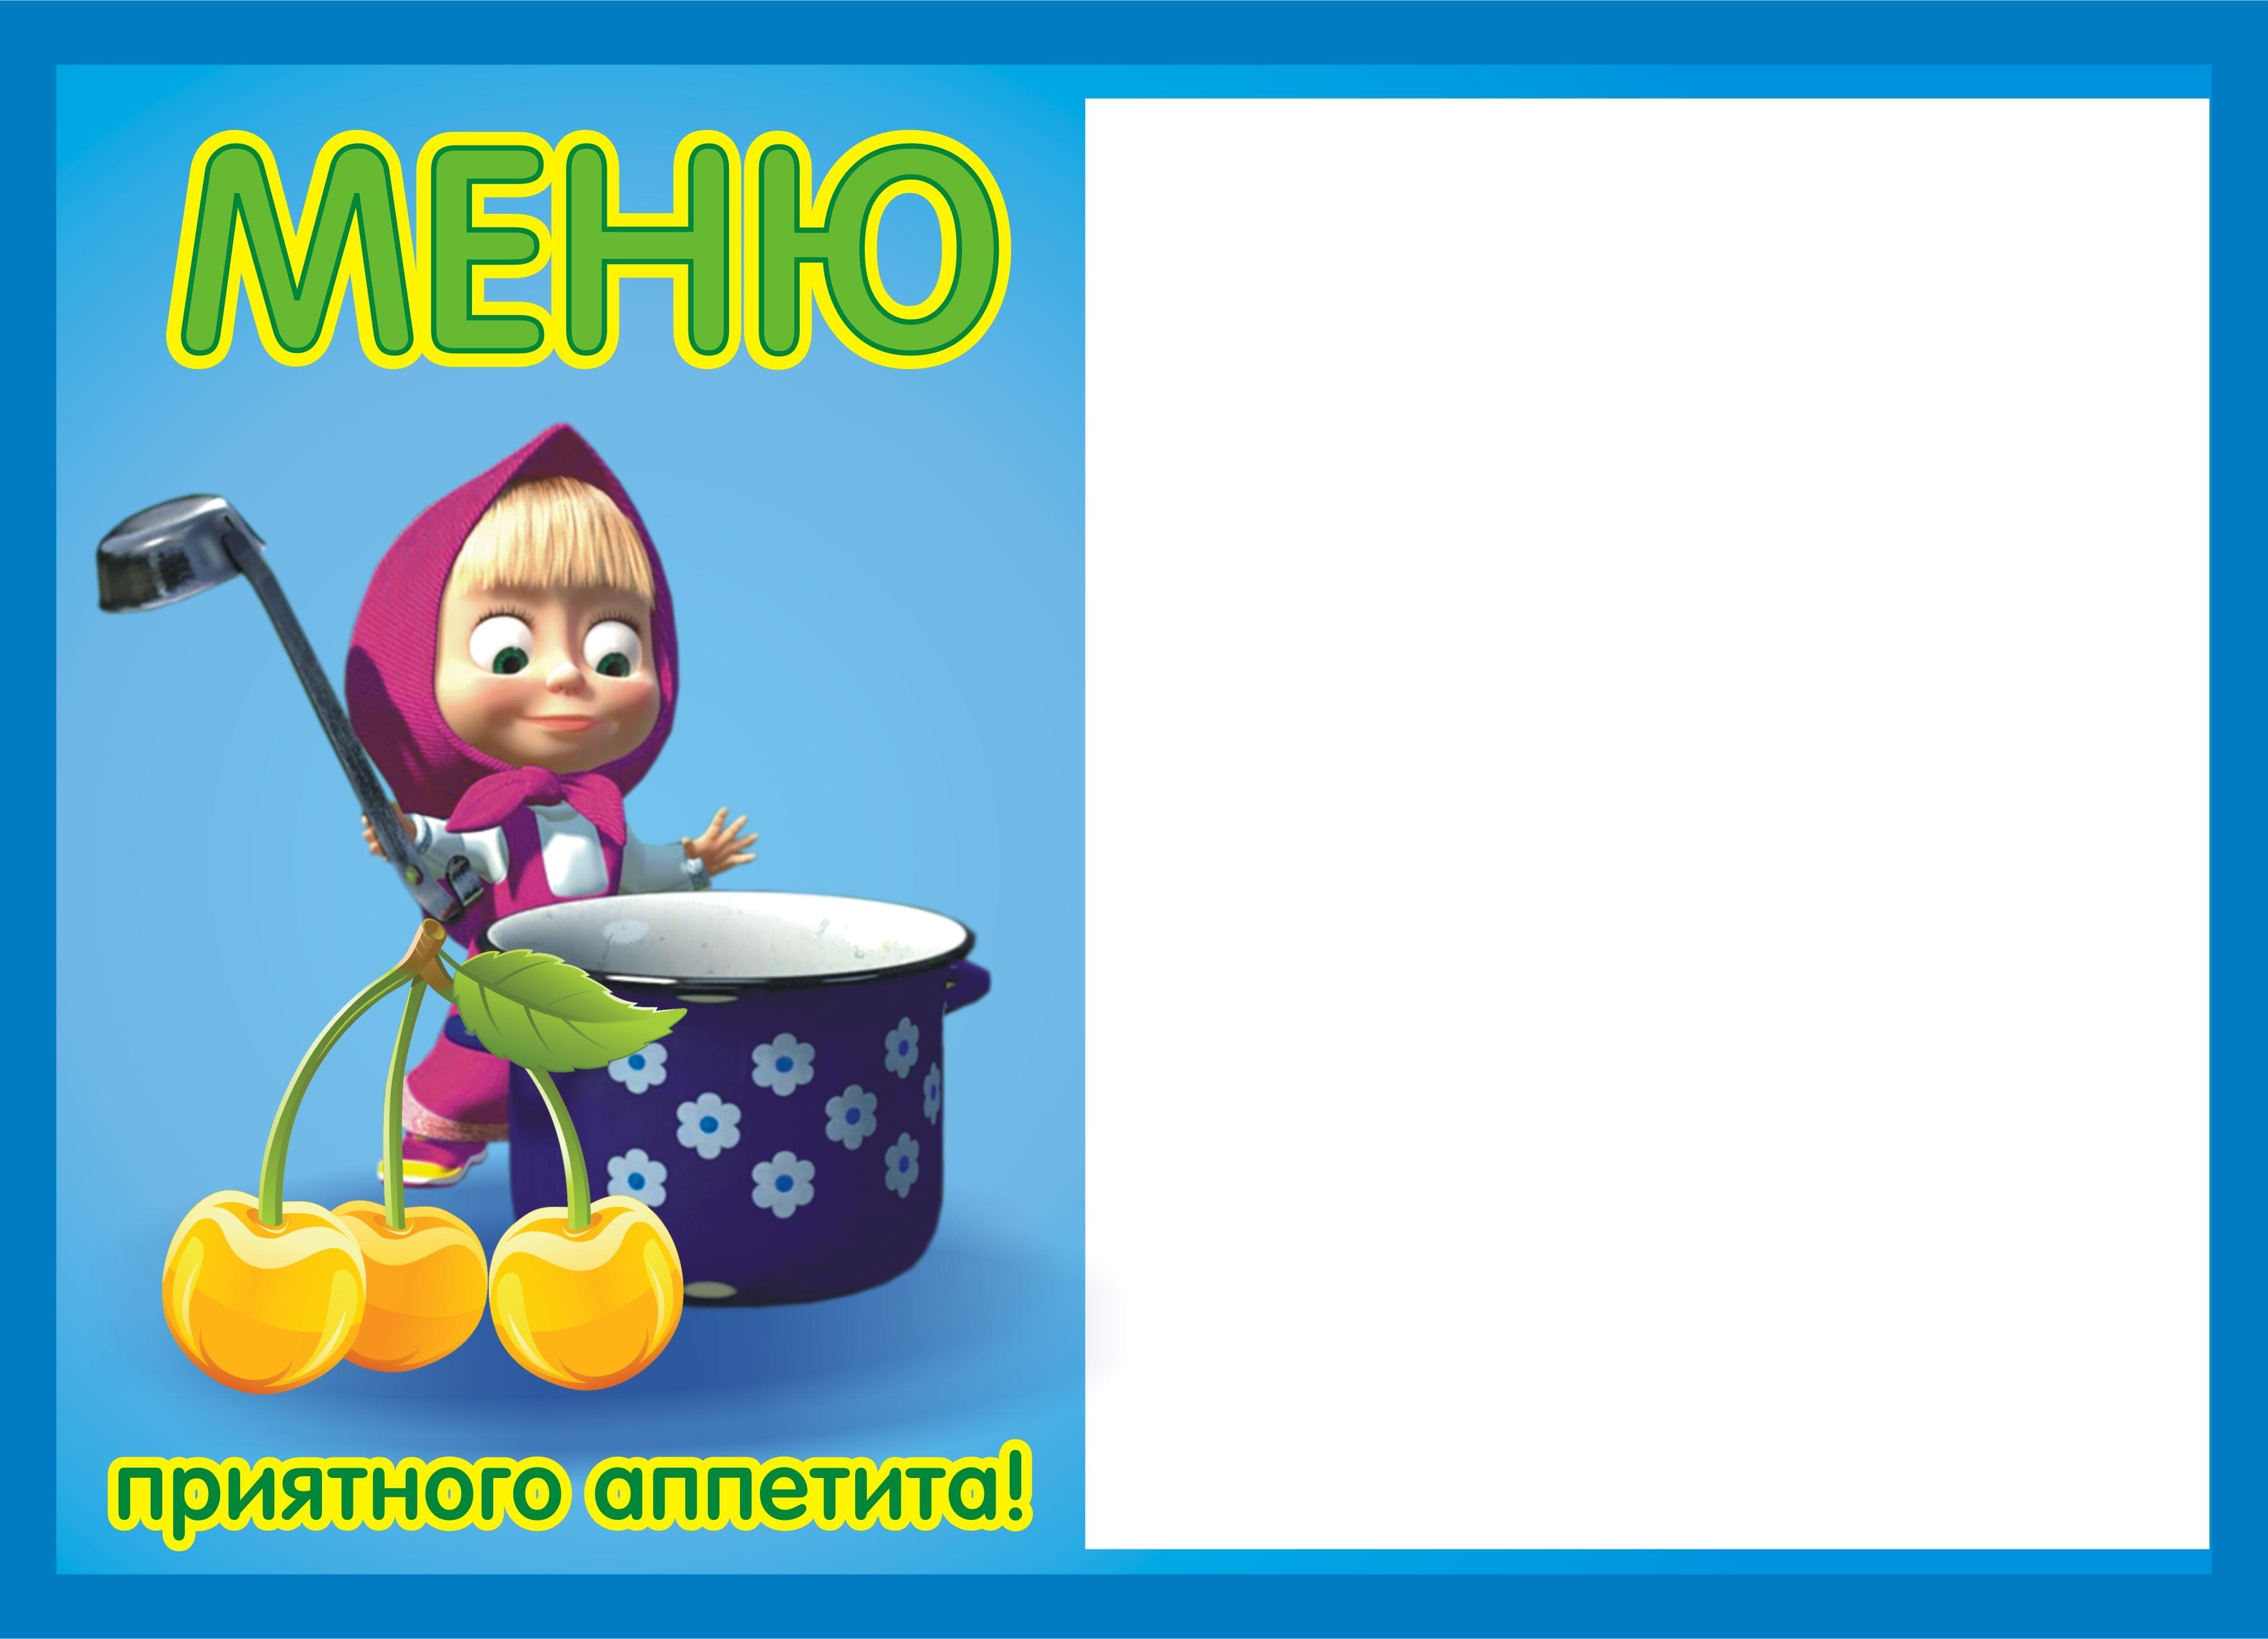 детское меню образец фото